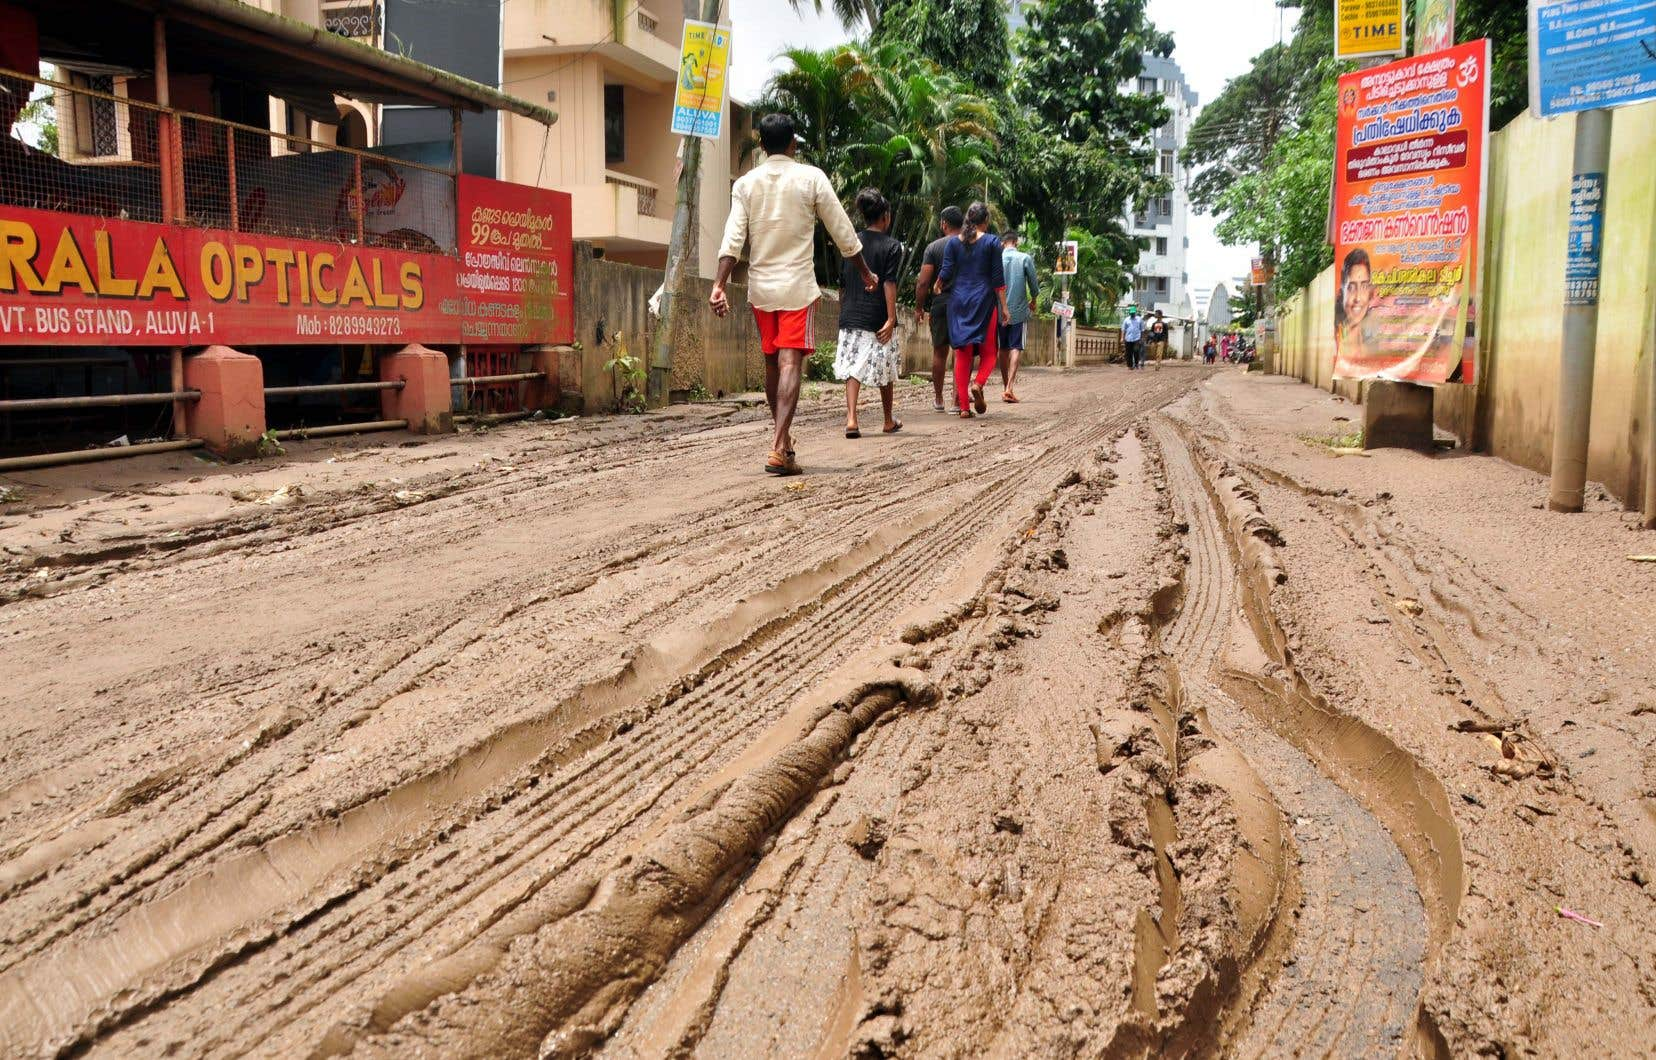 Après une semaine de précipitations torrentielles, les pluies ont faibli lundi et le niveau des eaux a baissé dans de nombreux districts du Kerala.